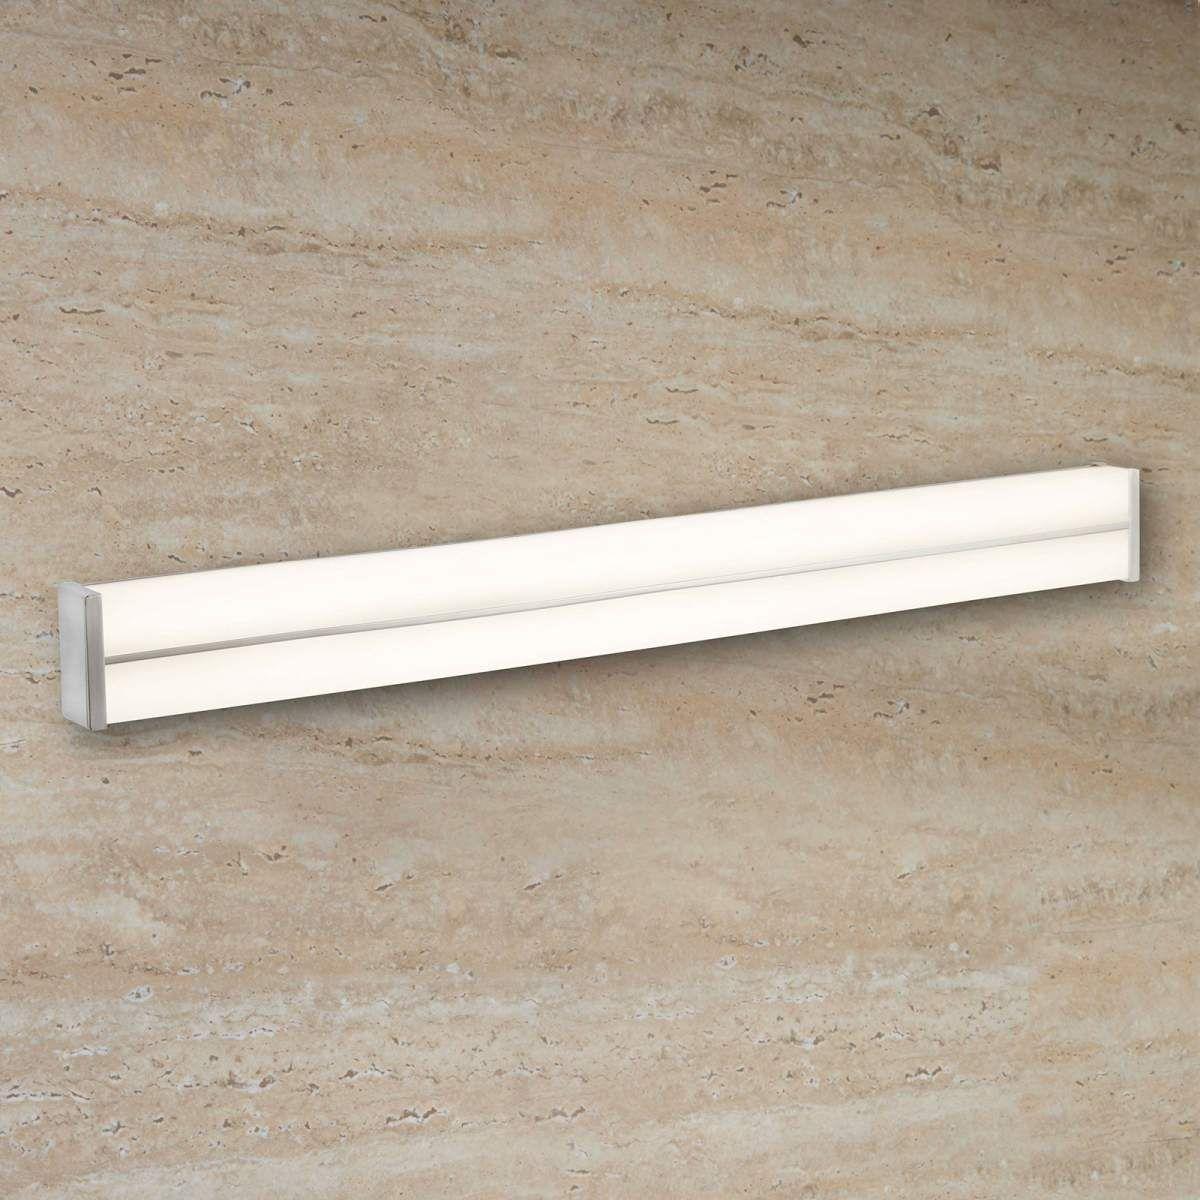 Moderne Wandleuchte Bathroom 1152 Von Searchlight Silber Led Spiegel Mit Beleuchtung Und Spiegel